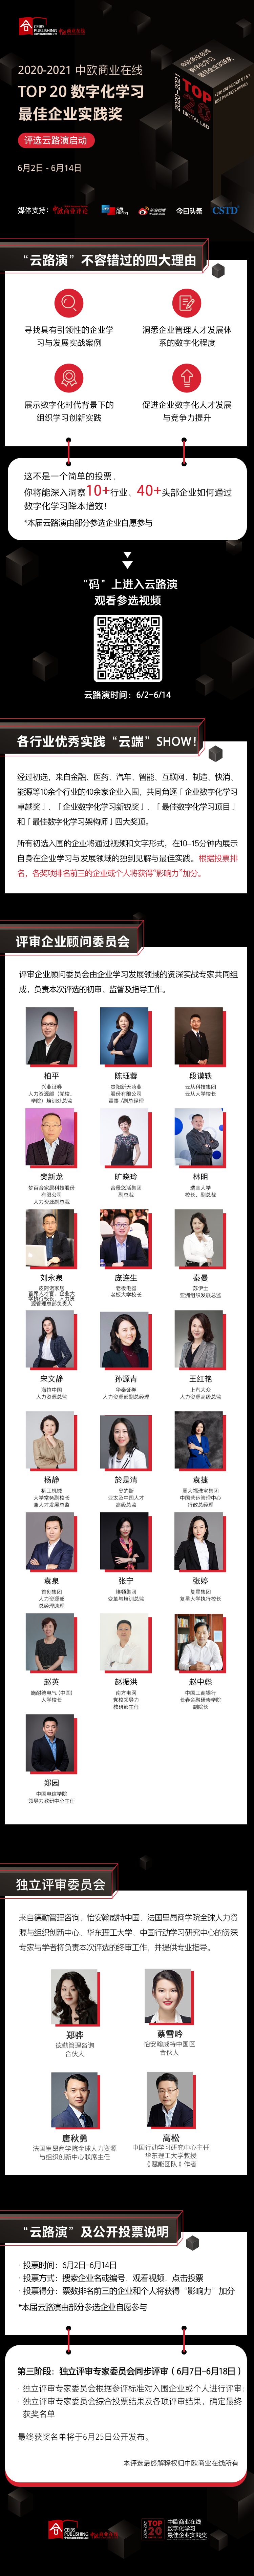 2021云路演微信长图.png